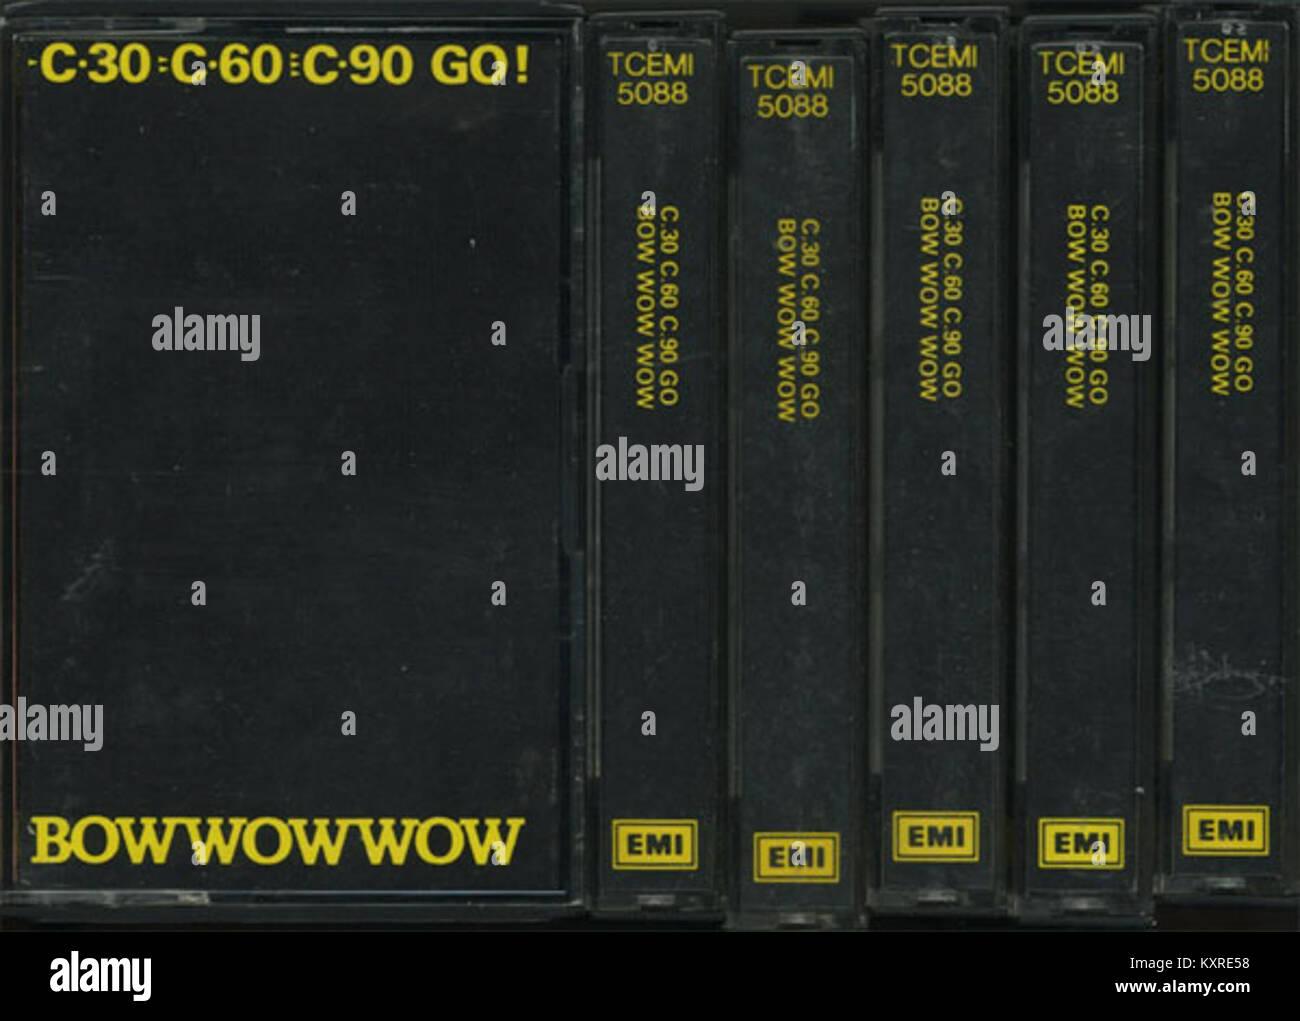 C·30 C·60 C·90 Go - Stock Image